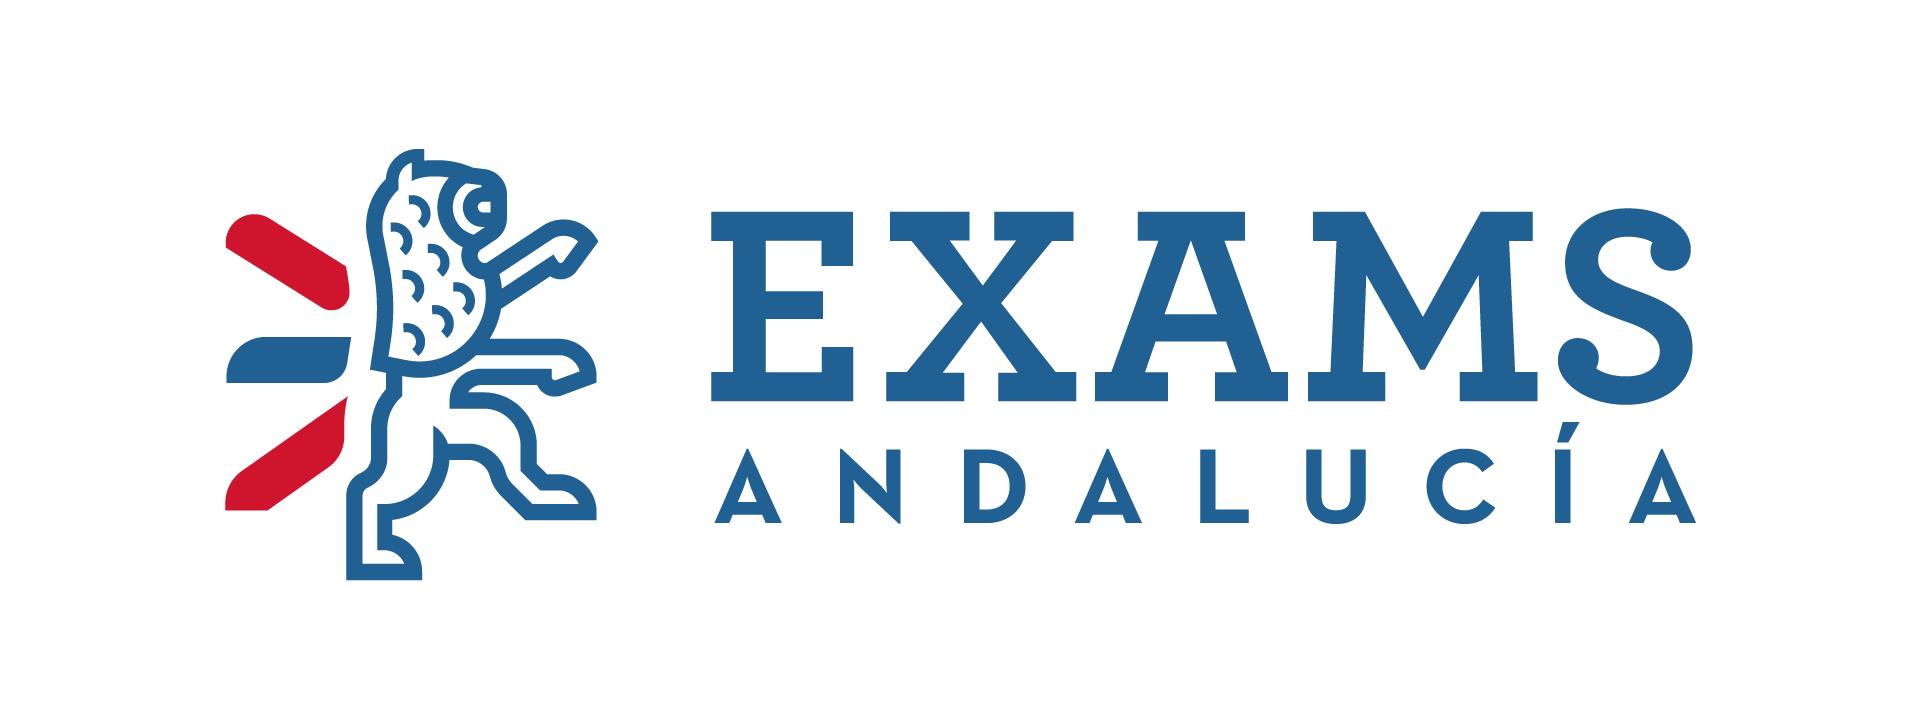 Logotipo diseñado para Exams Andalucía